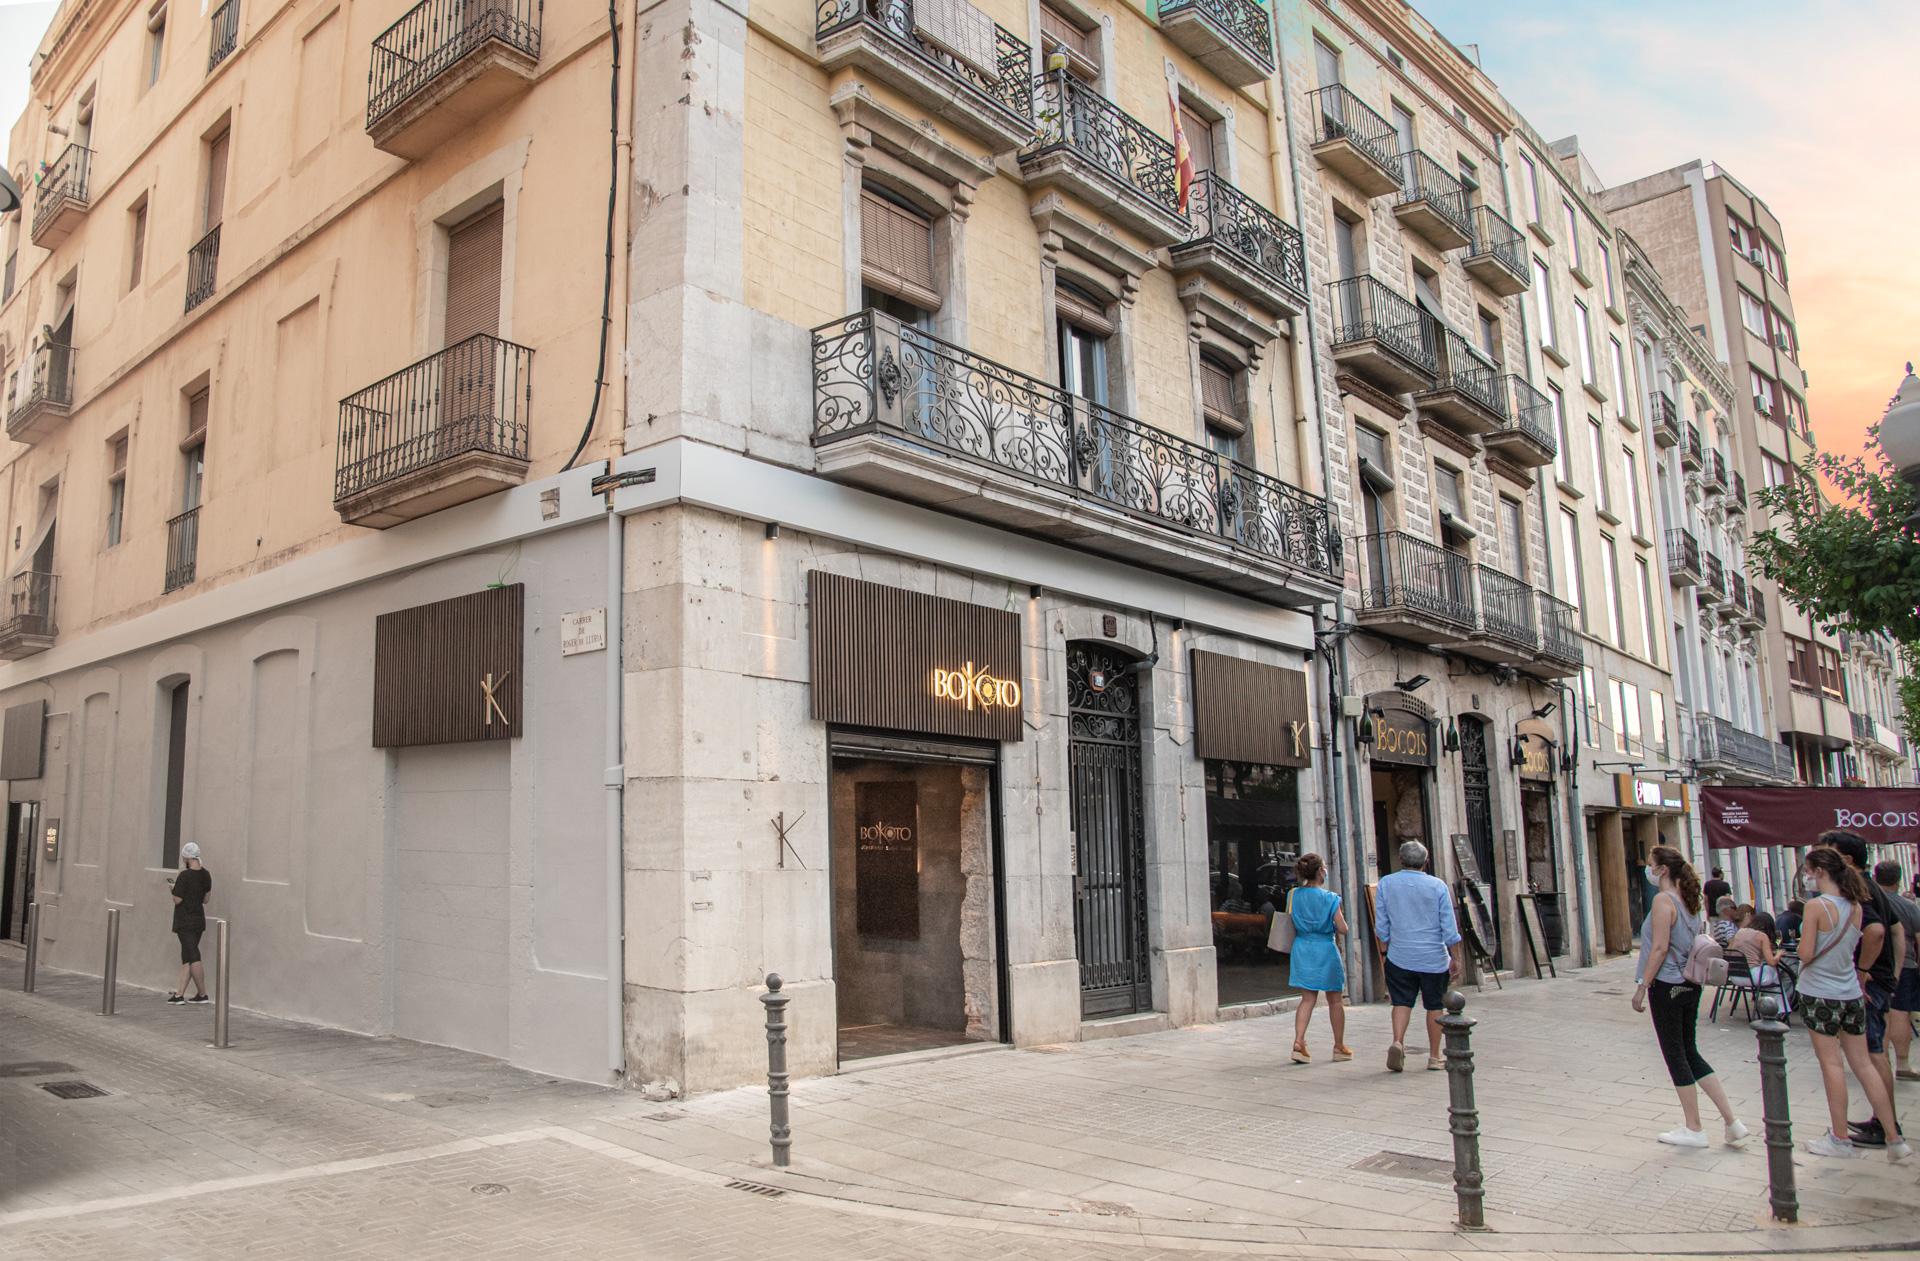 Bokoto Tarragona DSC_0240